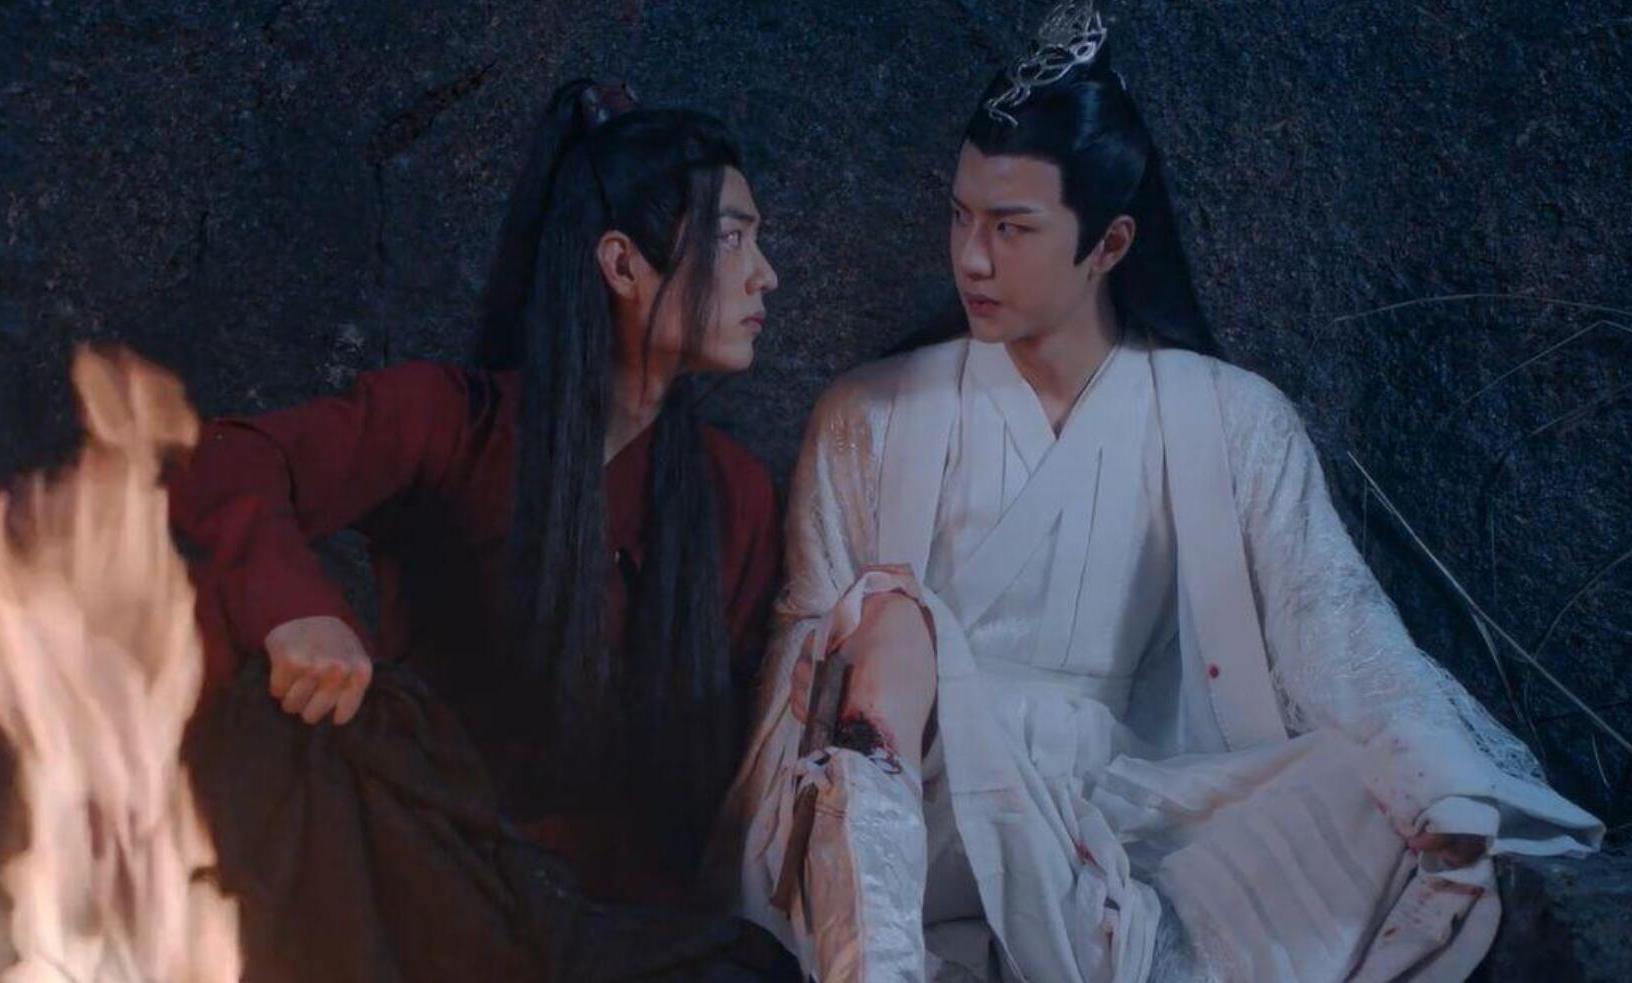 杨幂新剧《暴风眼》将播,与张彬彬再度合作,正能量题材惹人注目